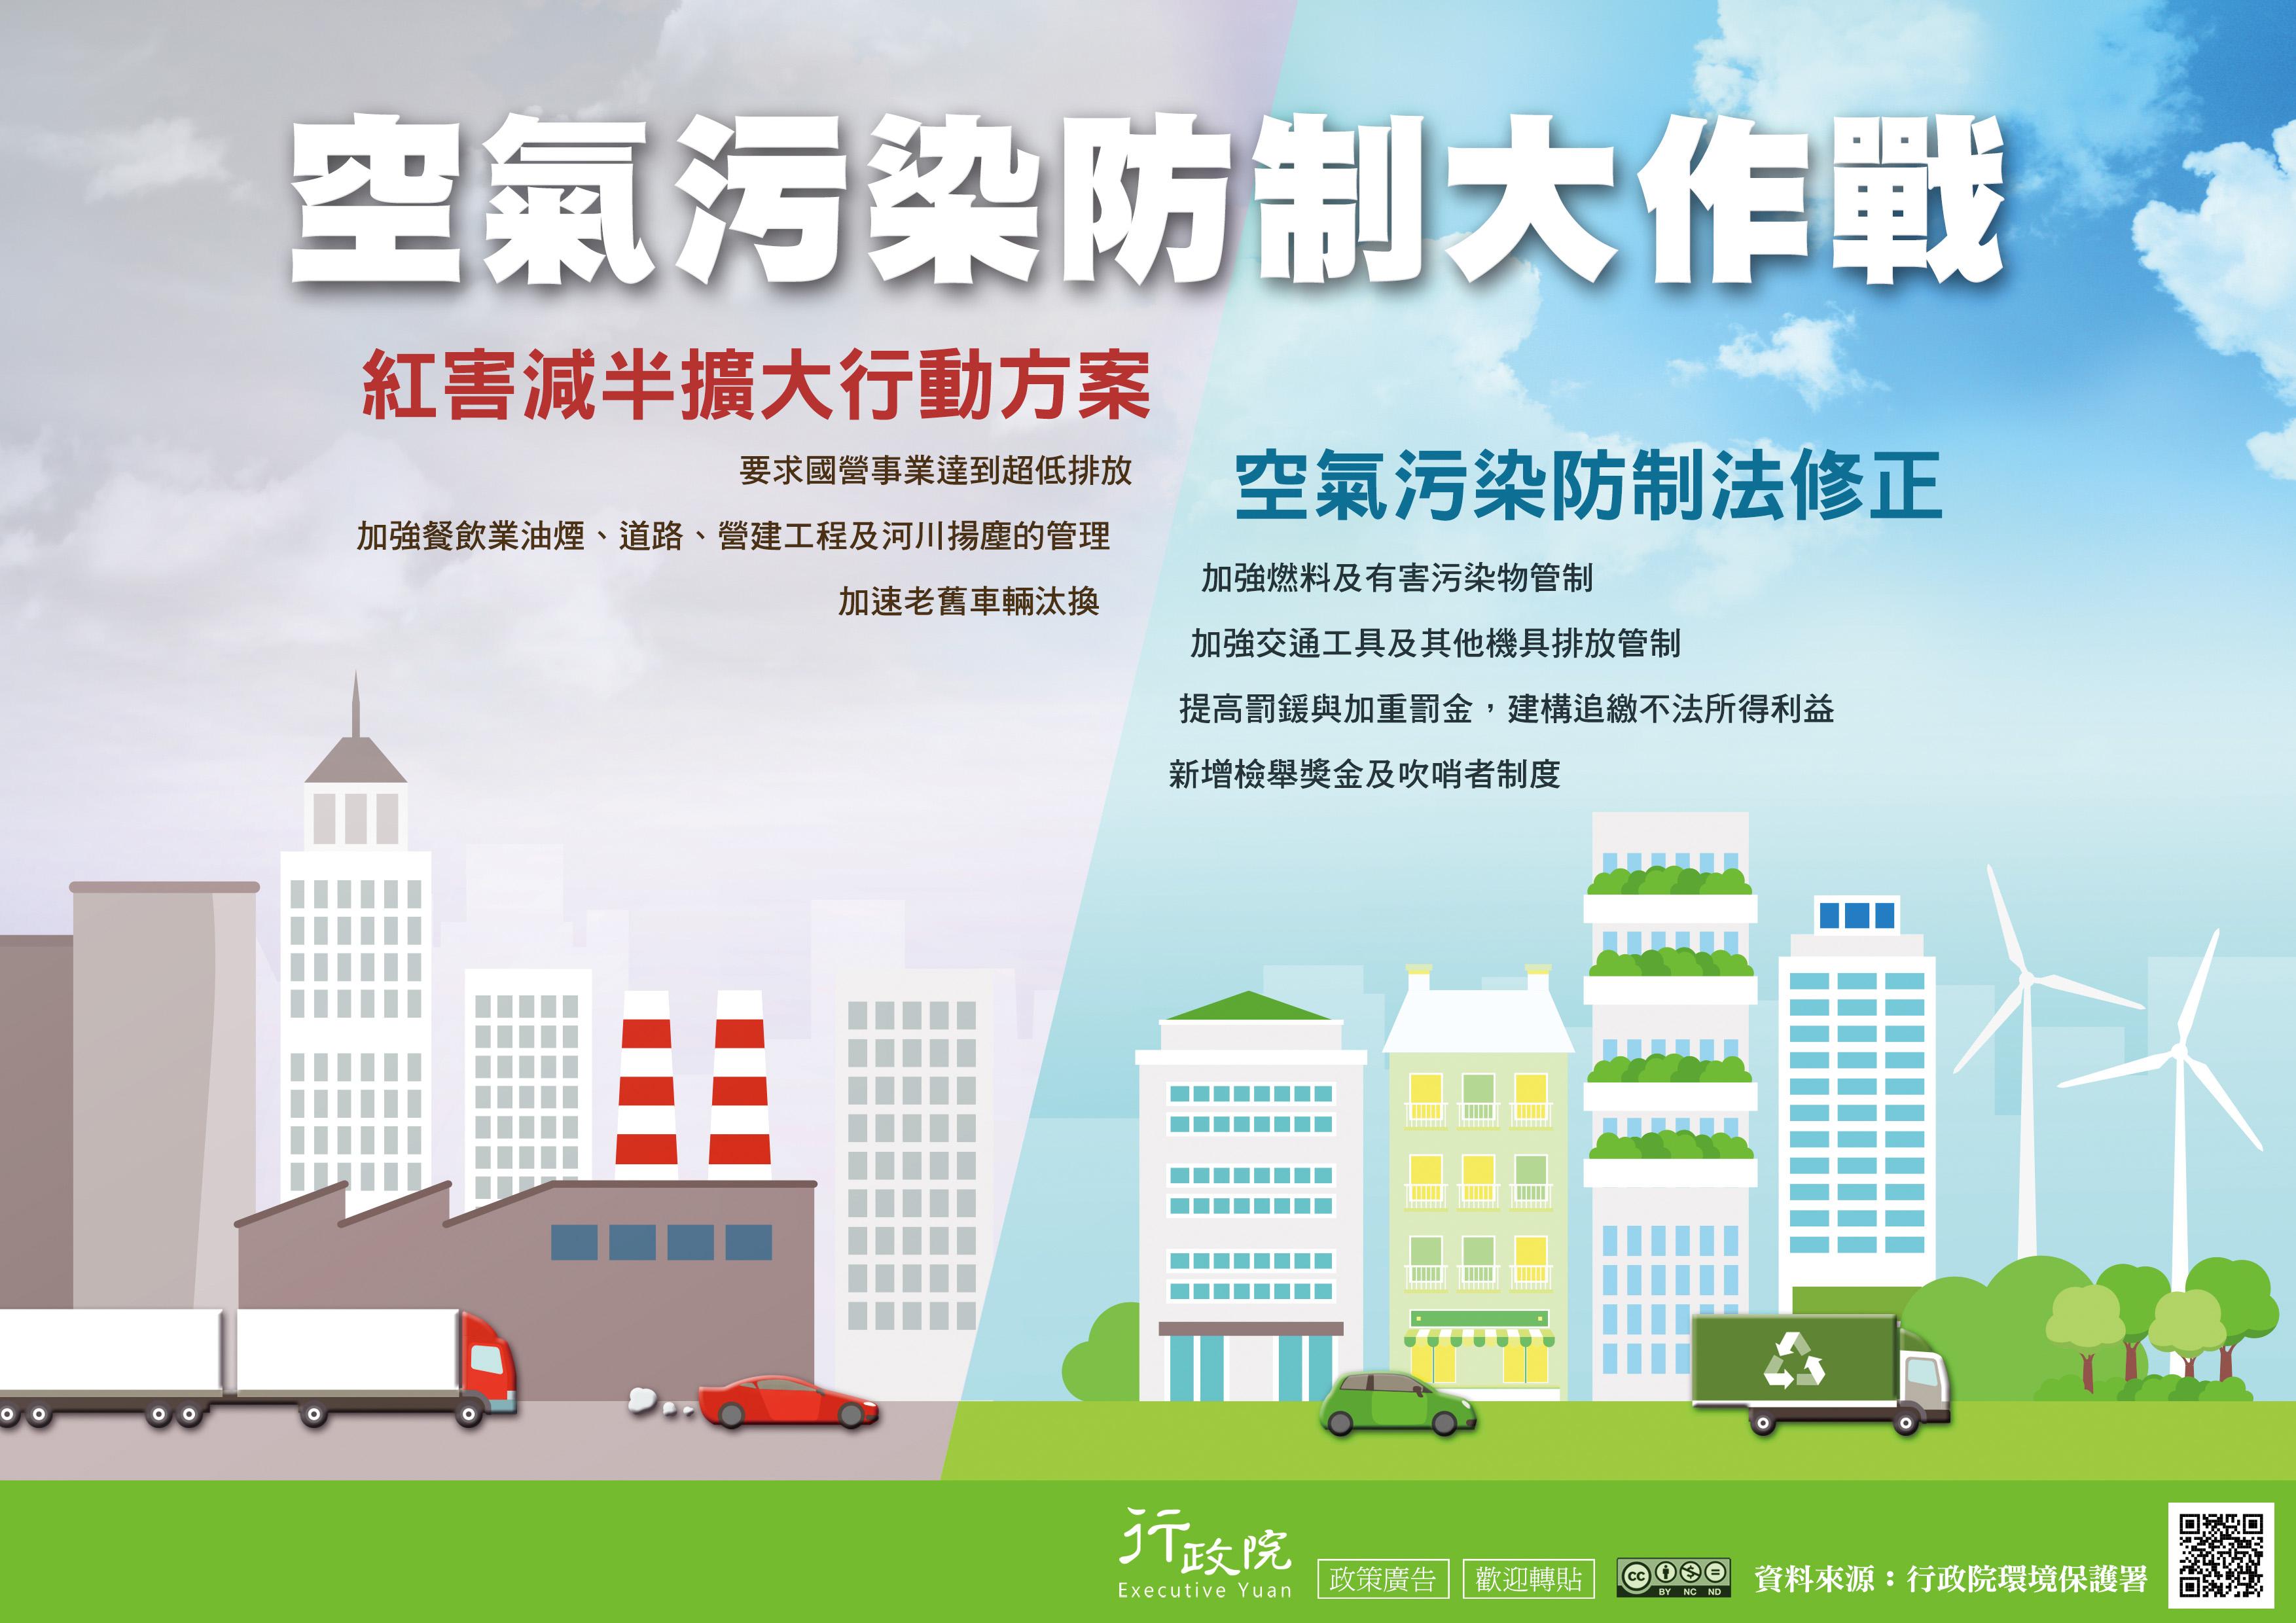 空氣污染防制大作戰